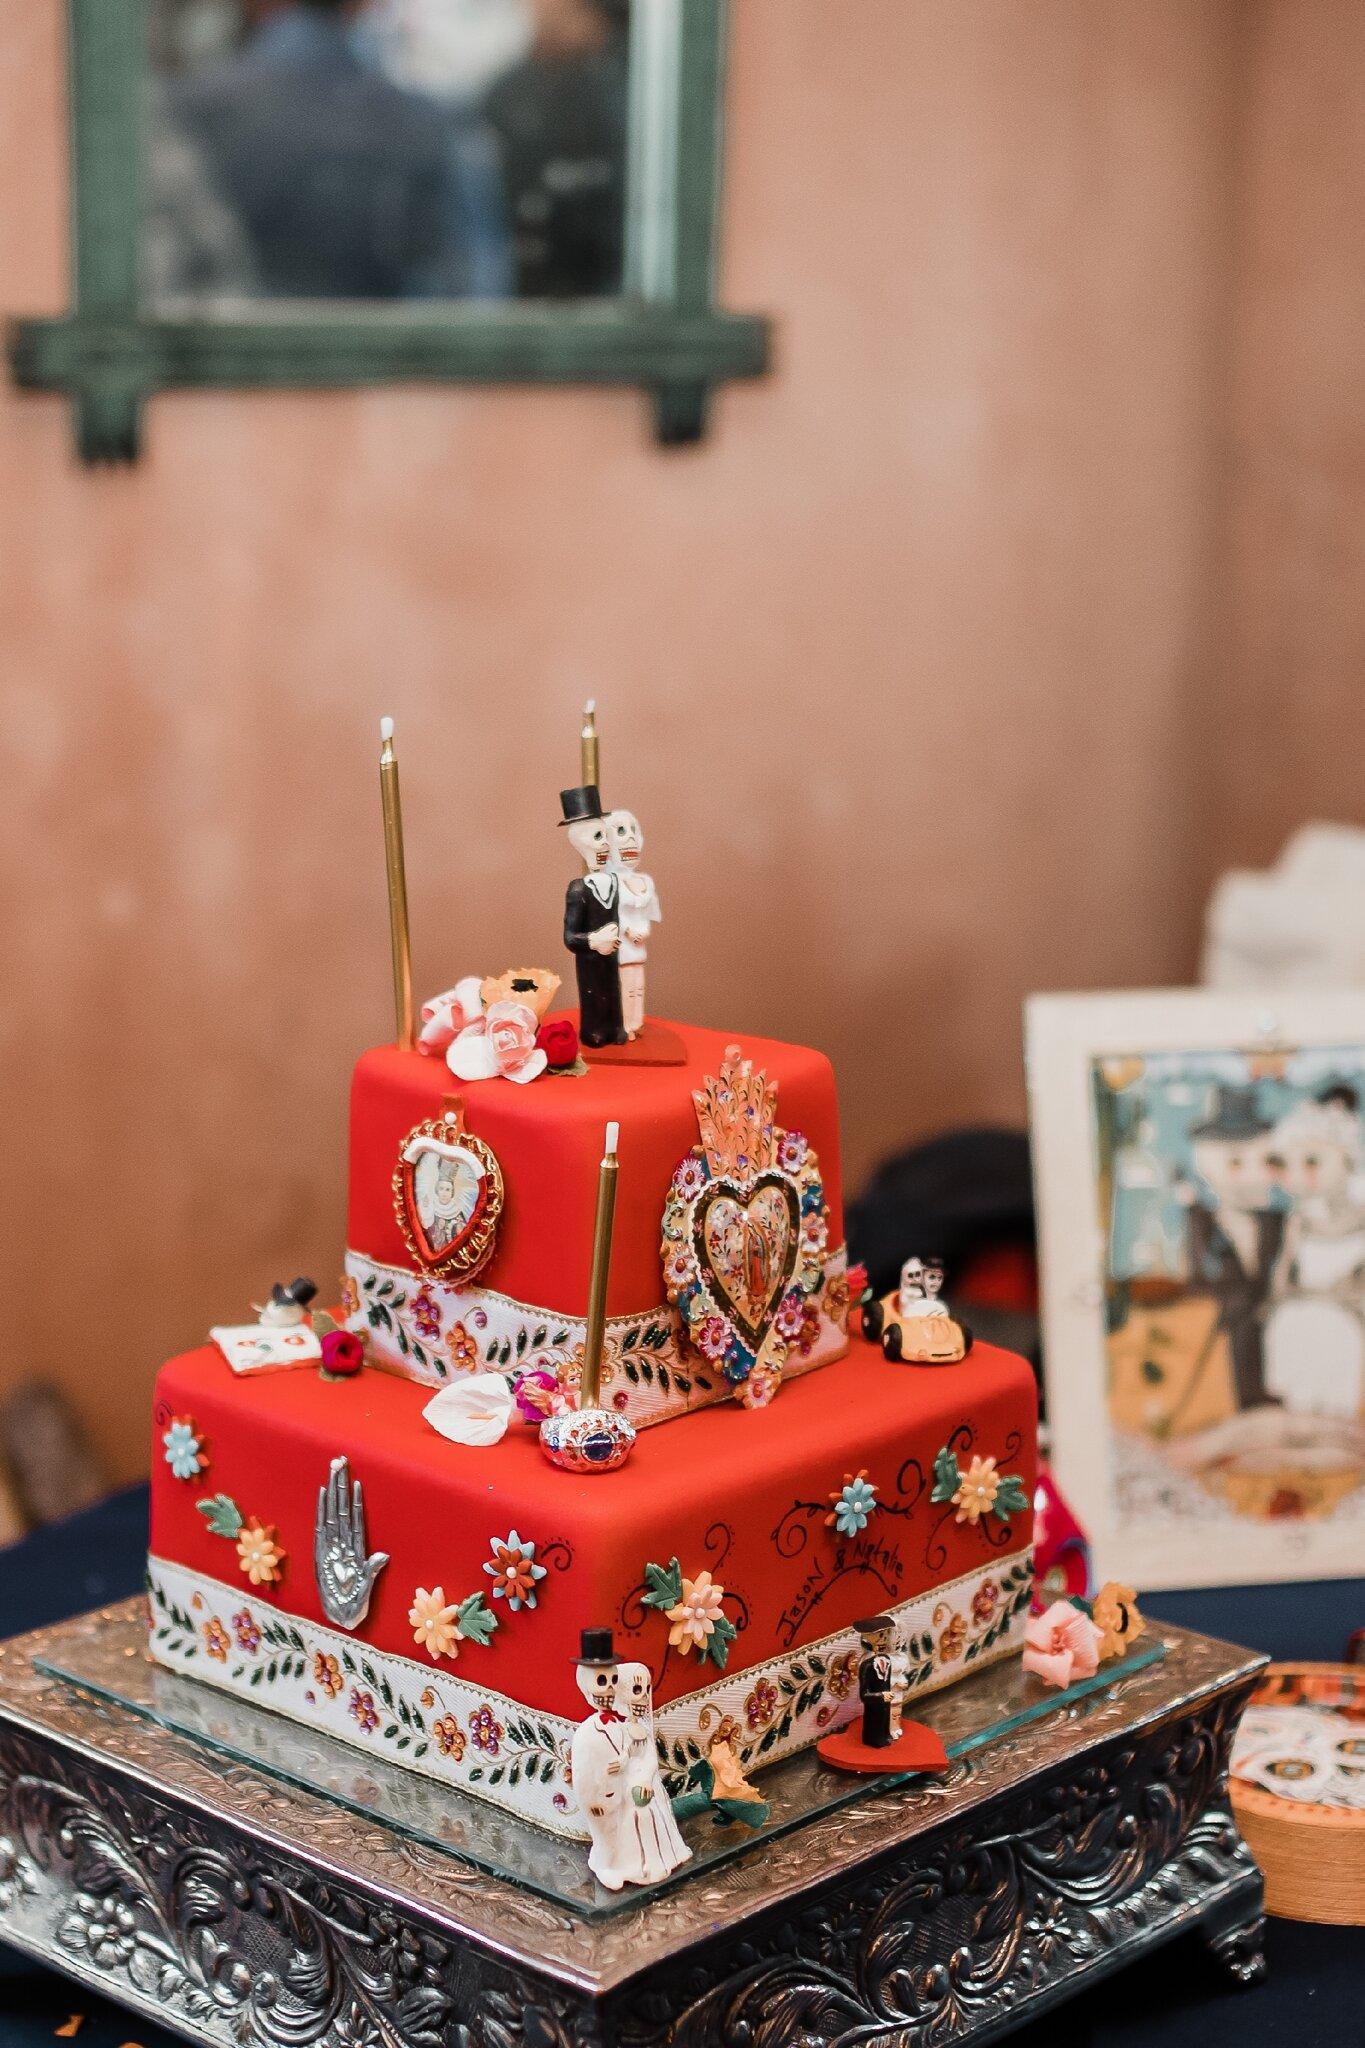 Alicia+lucia+photography+-+albuquerque+wedding+photographer+-+santa+fe+wedding+photography+-+new+mexico+wedding+photographer+-+new+mexico+wedding+-+rehearsal+dinner+-+wedding+rehearsal+dinner+-+santa+fe+rehearsal+dinner+-+chicago+bride_0004.jpg